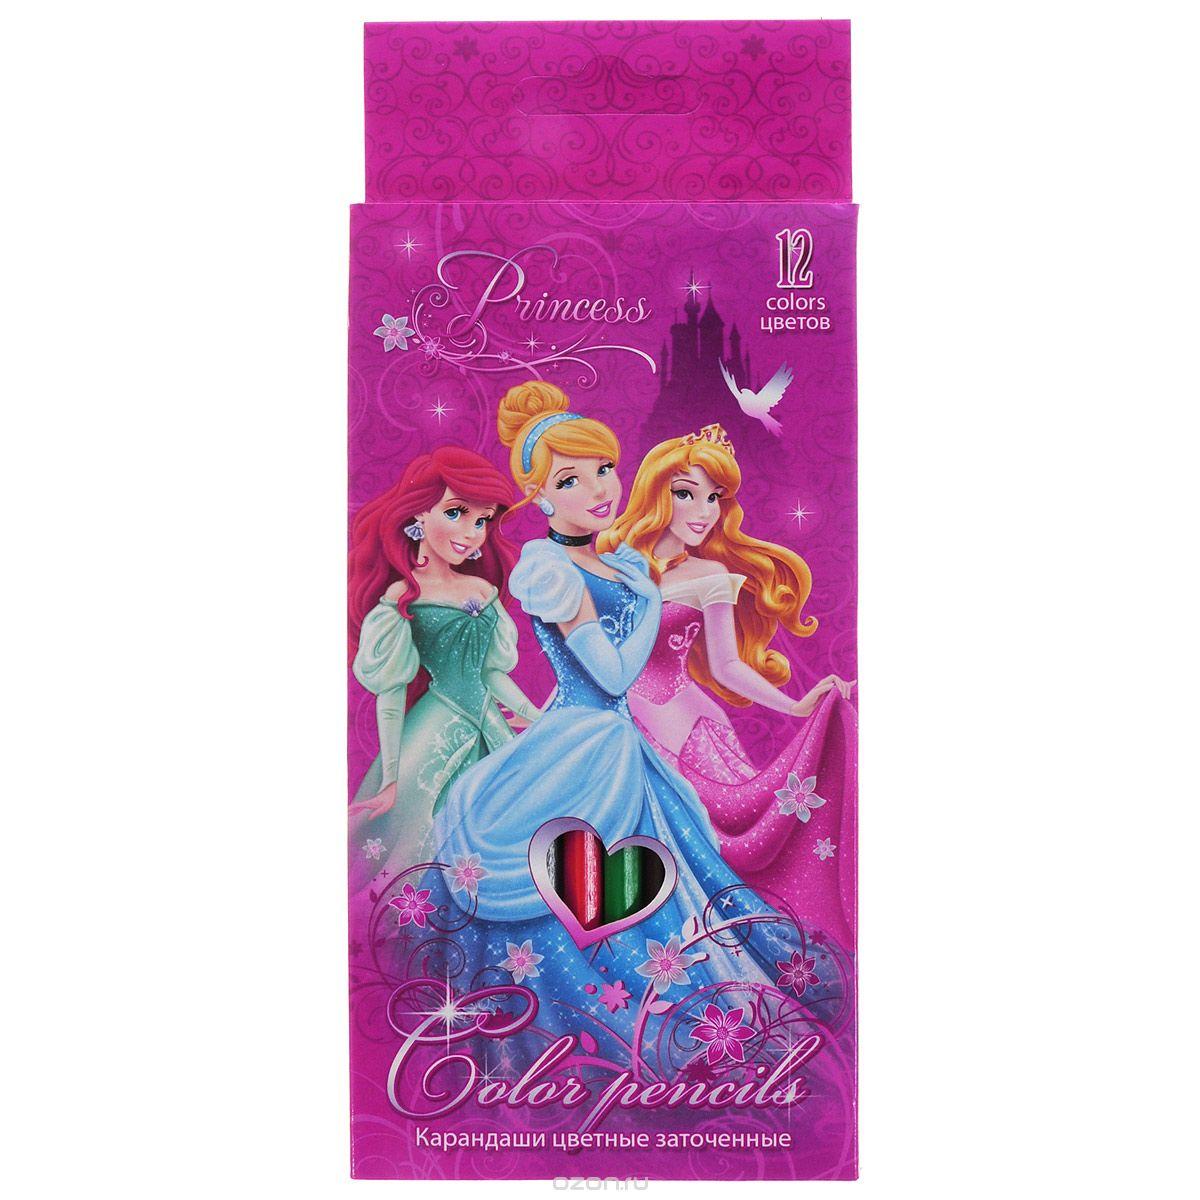 Набор цветных карандашей, 12 шт. Цветные карандаши длиной 17,8 см; заточенные; дерево ; цветной грифель 3 мм; карандаш в цвет грифеля с логотипом;Коробка из мелованного картона, раздвижная, европодвес. PrincessPRBB-US1-1P-12 Набор цветных карандашей Princess состоит из двенадцати ярких и насыщенных цветов.Карандаши уже заточены, поэтому все, что нужно для рисования - это взять чистый лист бумаги, и можно начинать! Поверхность: Бумага.Упаковка: .